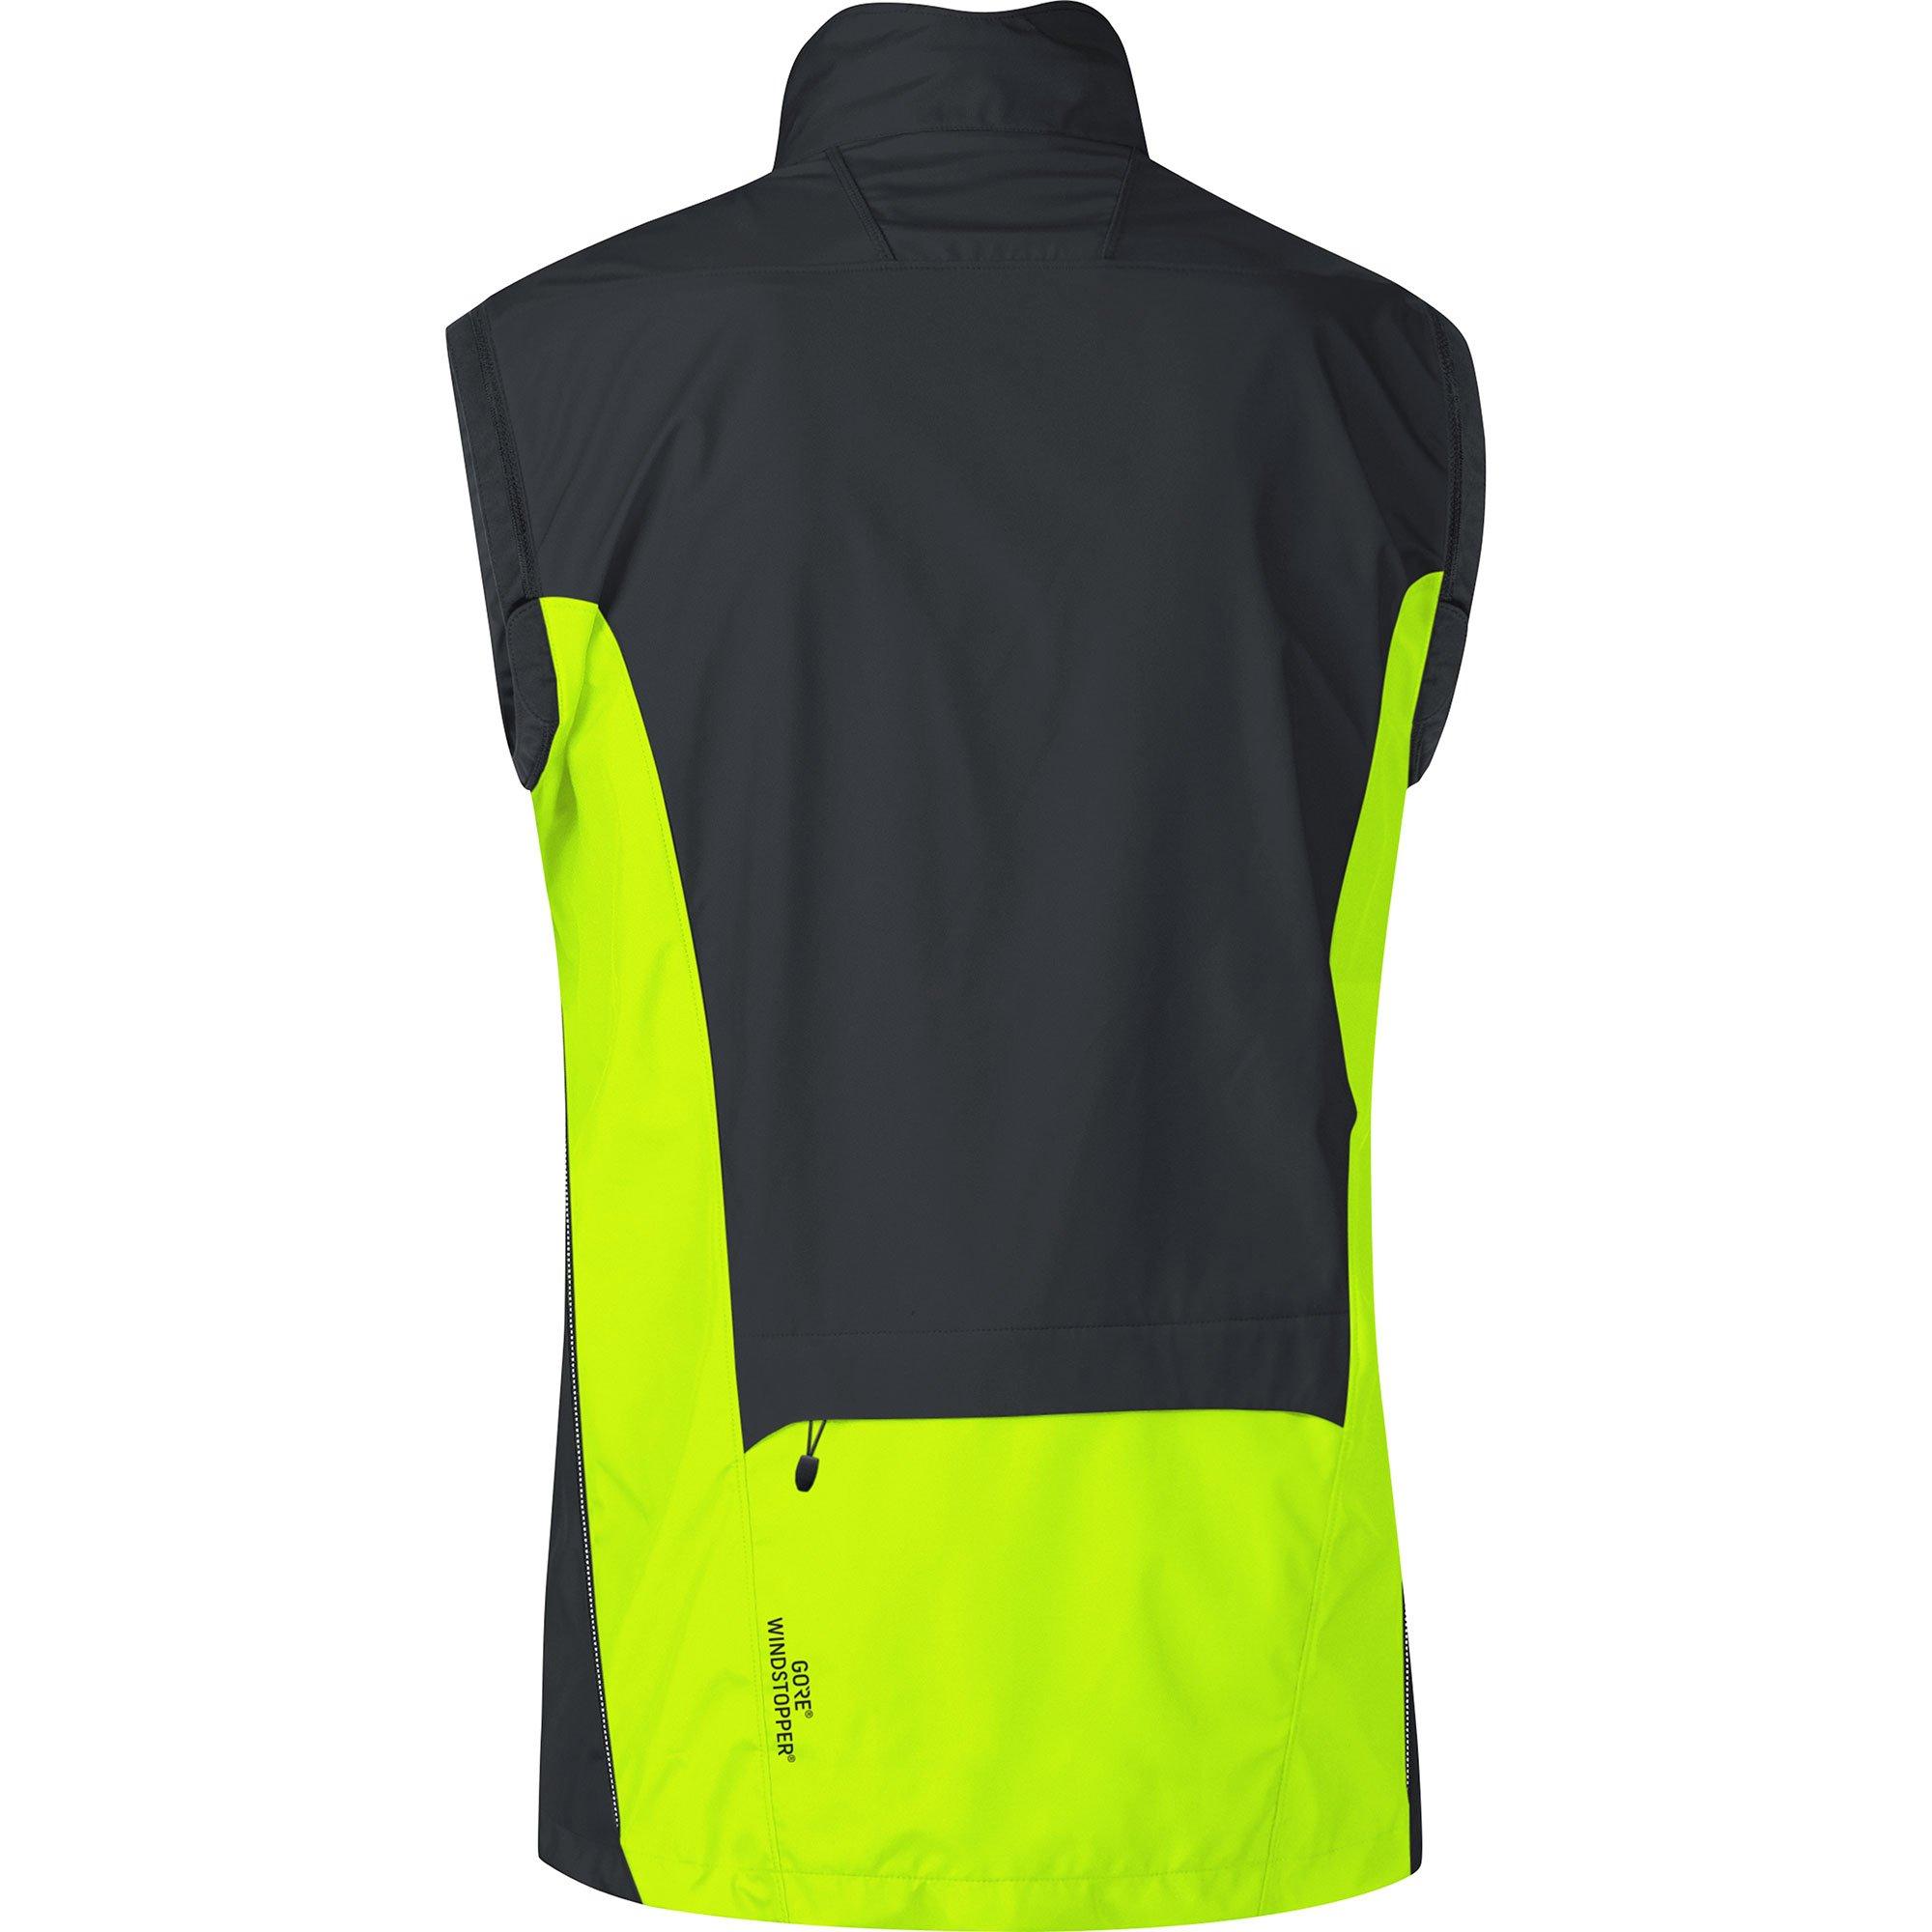 Gore Bike WEAR Men's Cycling Jacket, Super Light, Gore Windstopper, Jacket, Size: S, Black/Neon Yellow, JWELMZ by GORE WEAR (Image #4)